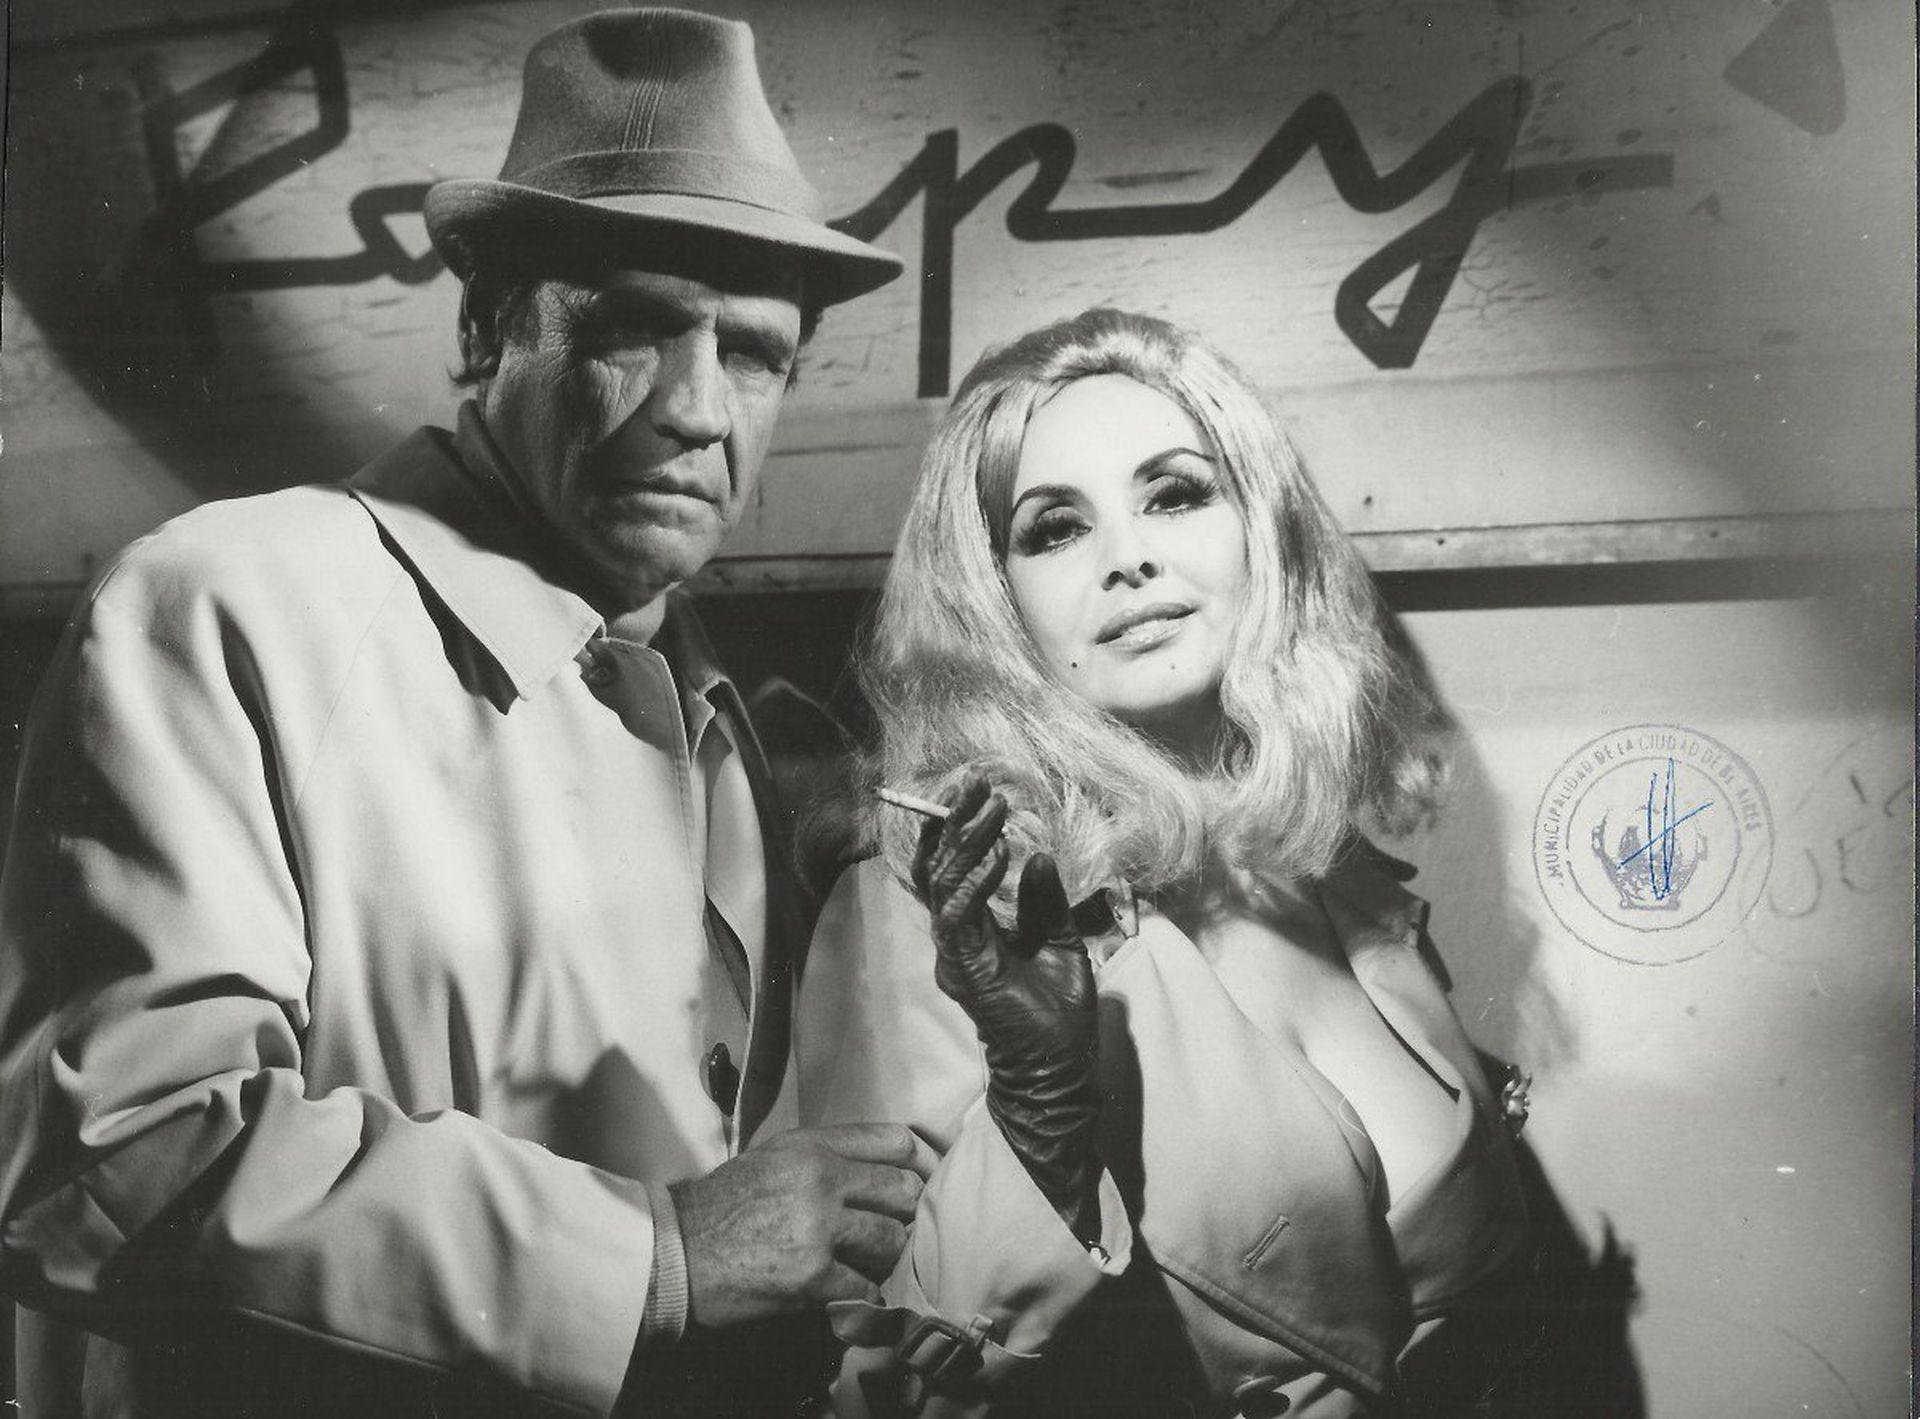 Armando Bo e Isabel Sarli en una foto publicitaria de Una mariposa en la noche.